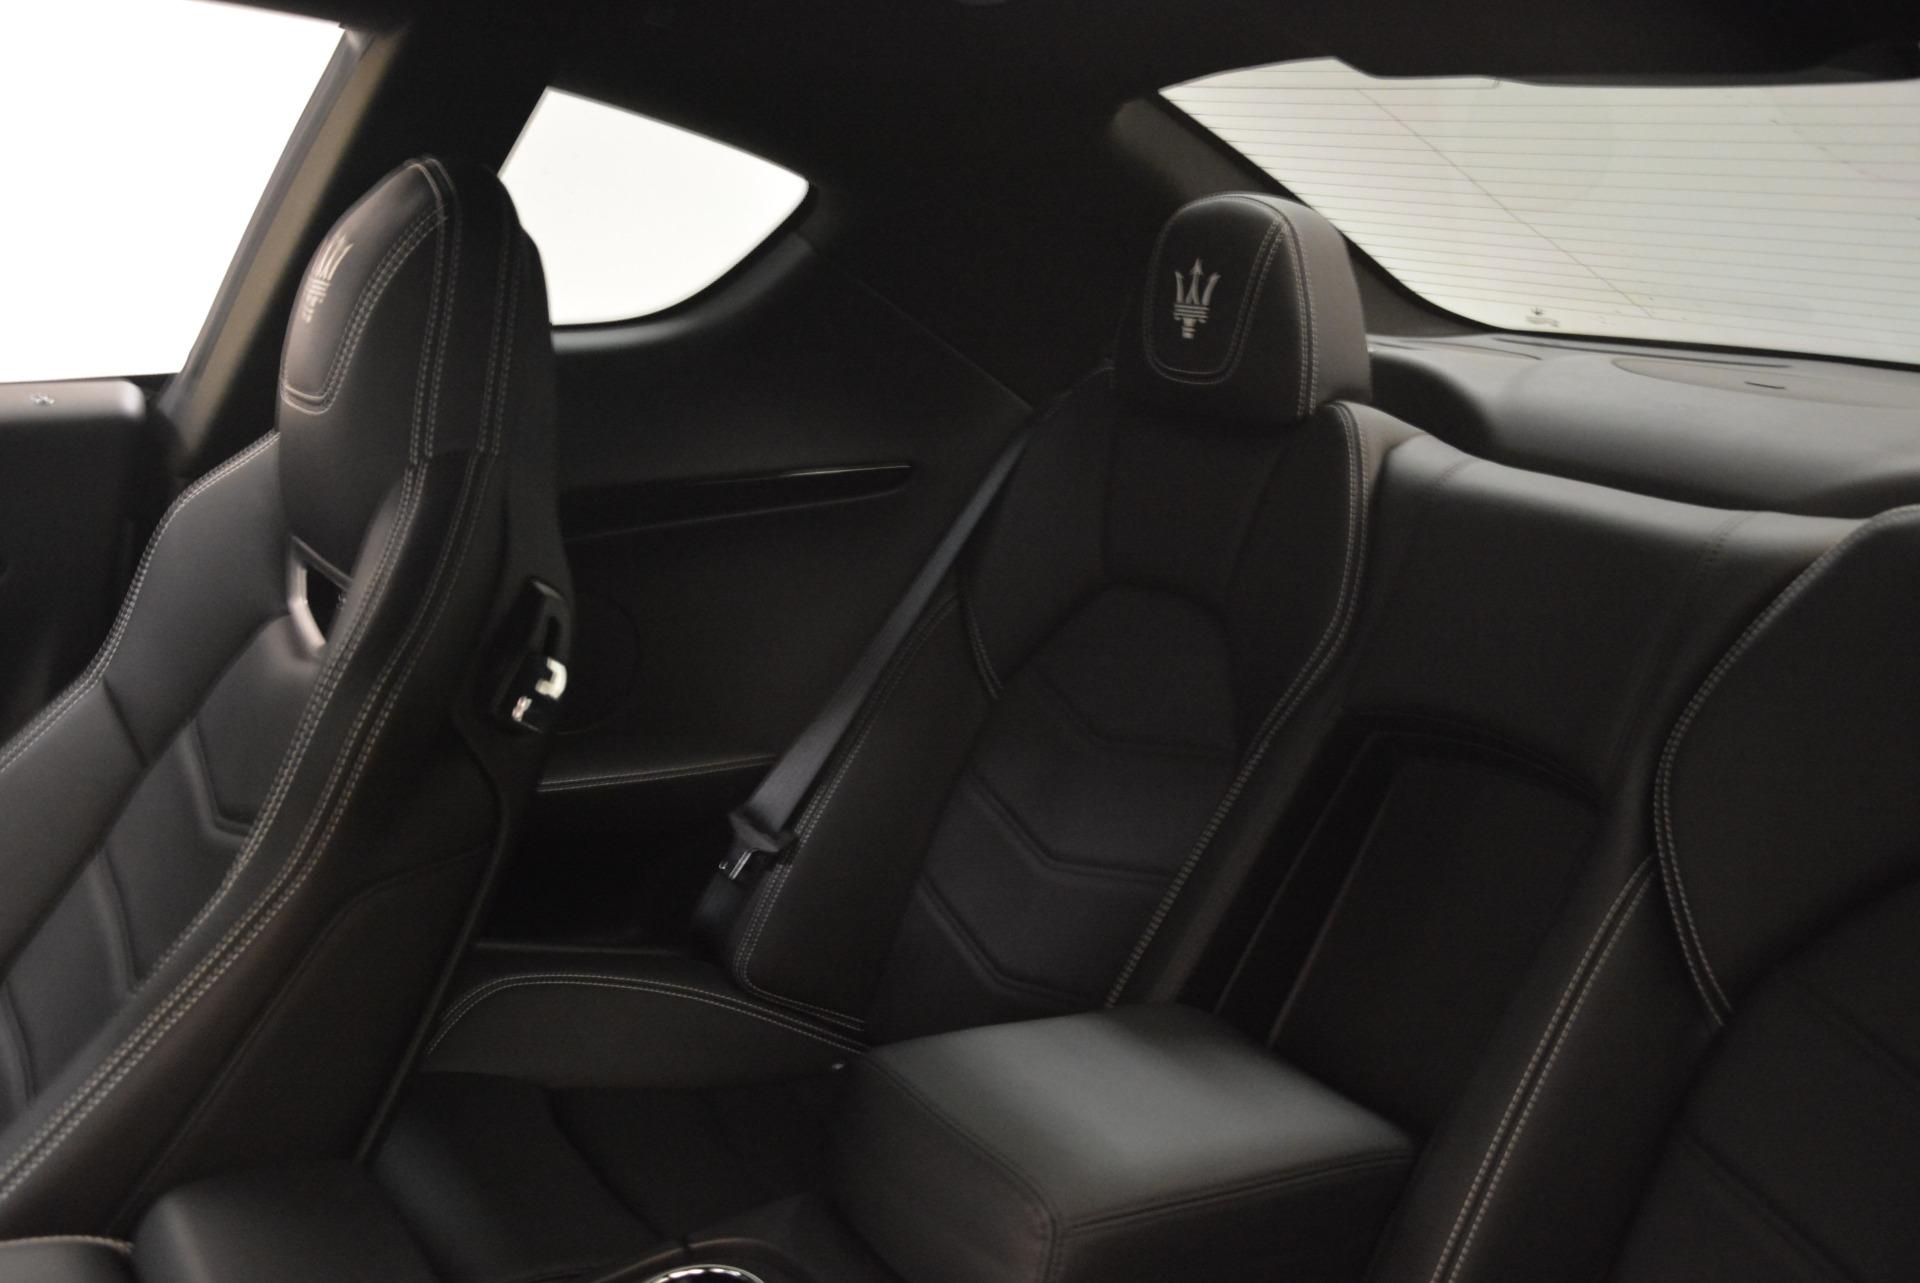 Used 2016 Maserati GranTurismo Sport For Sale In Greenwich, CT 2095_p22